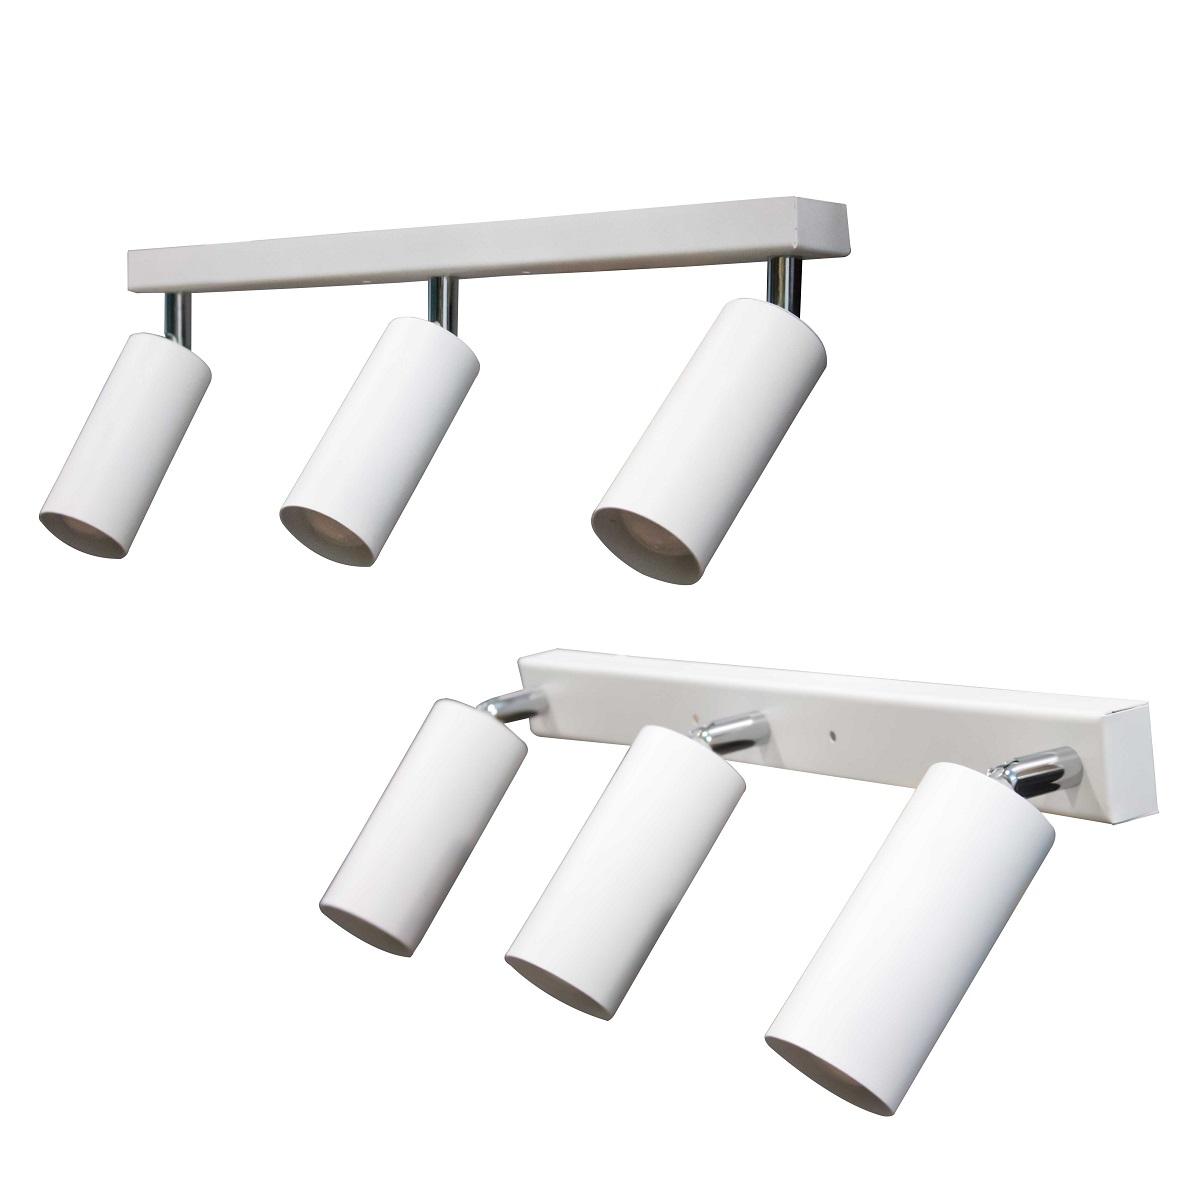 Светильники ЛОФТ - Люстра лофт потолочная с поворотным плафоном 000002805 - Фото 1